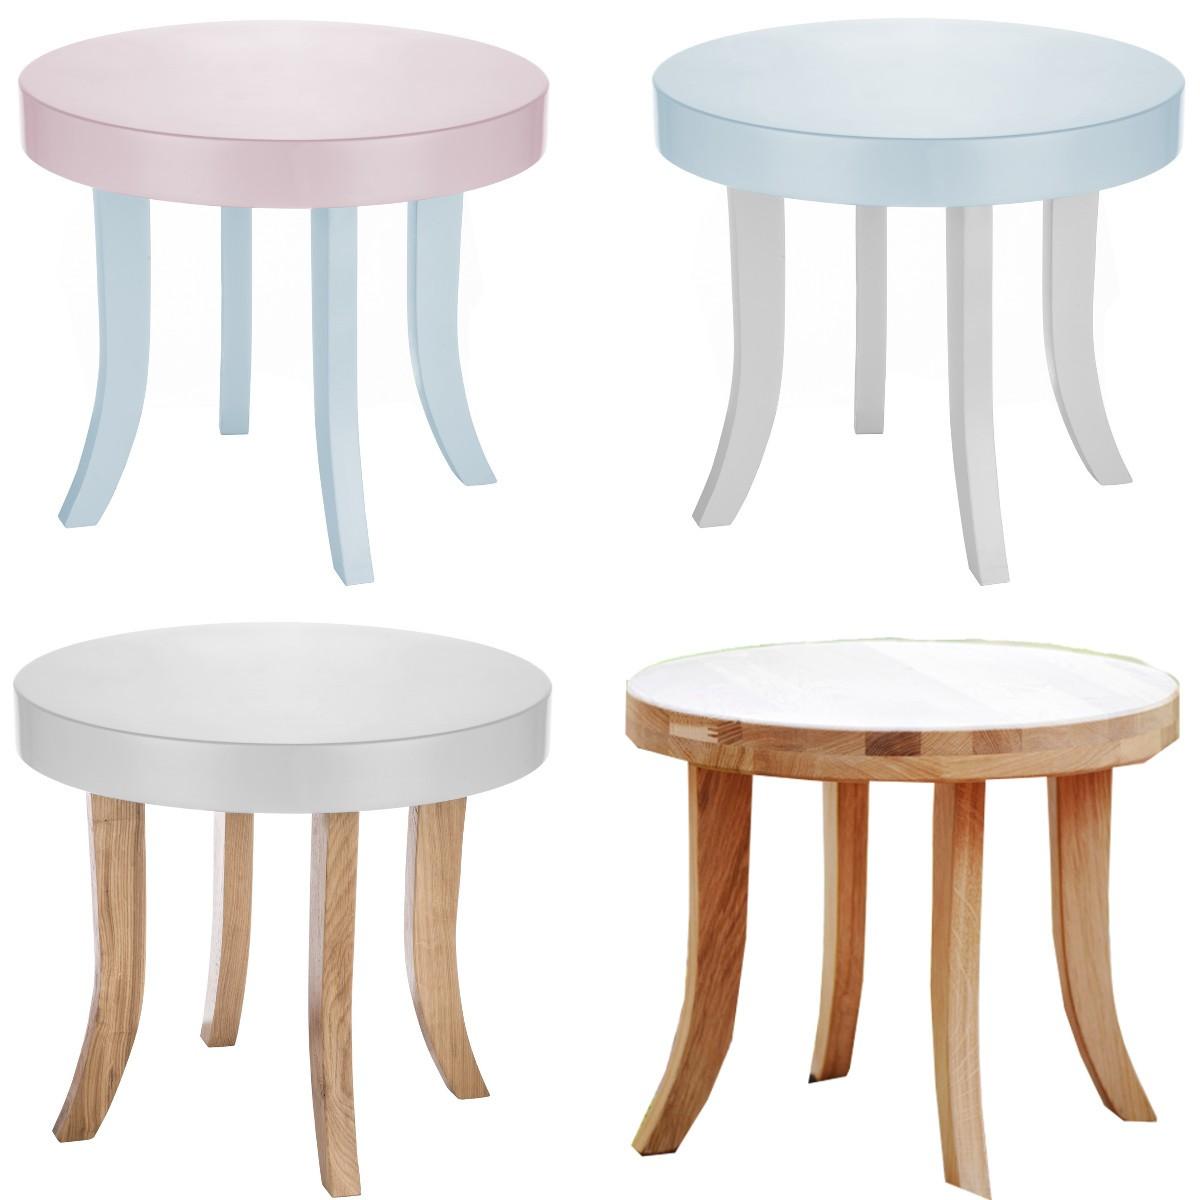 Tisch Rund Excellent Hay C Tisch Cm Buche Geseift Wei With Tisch